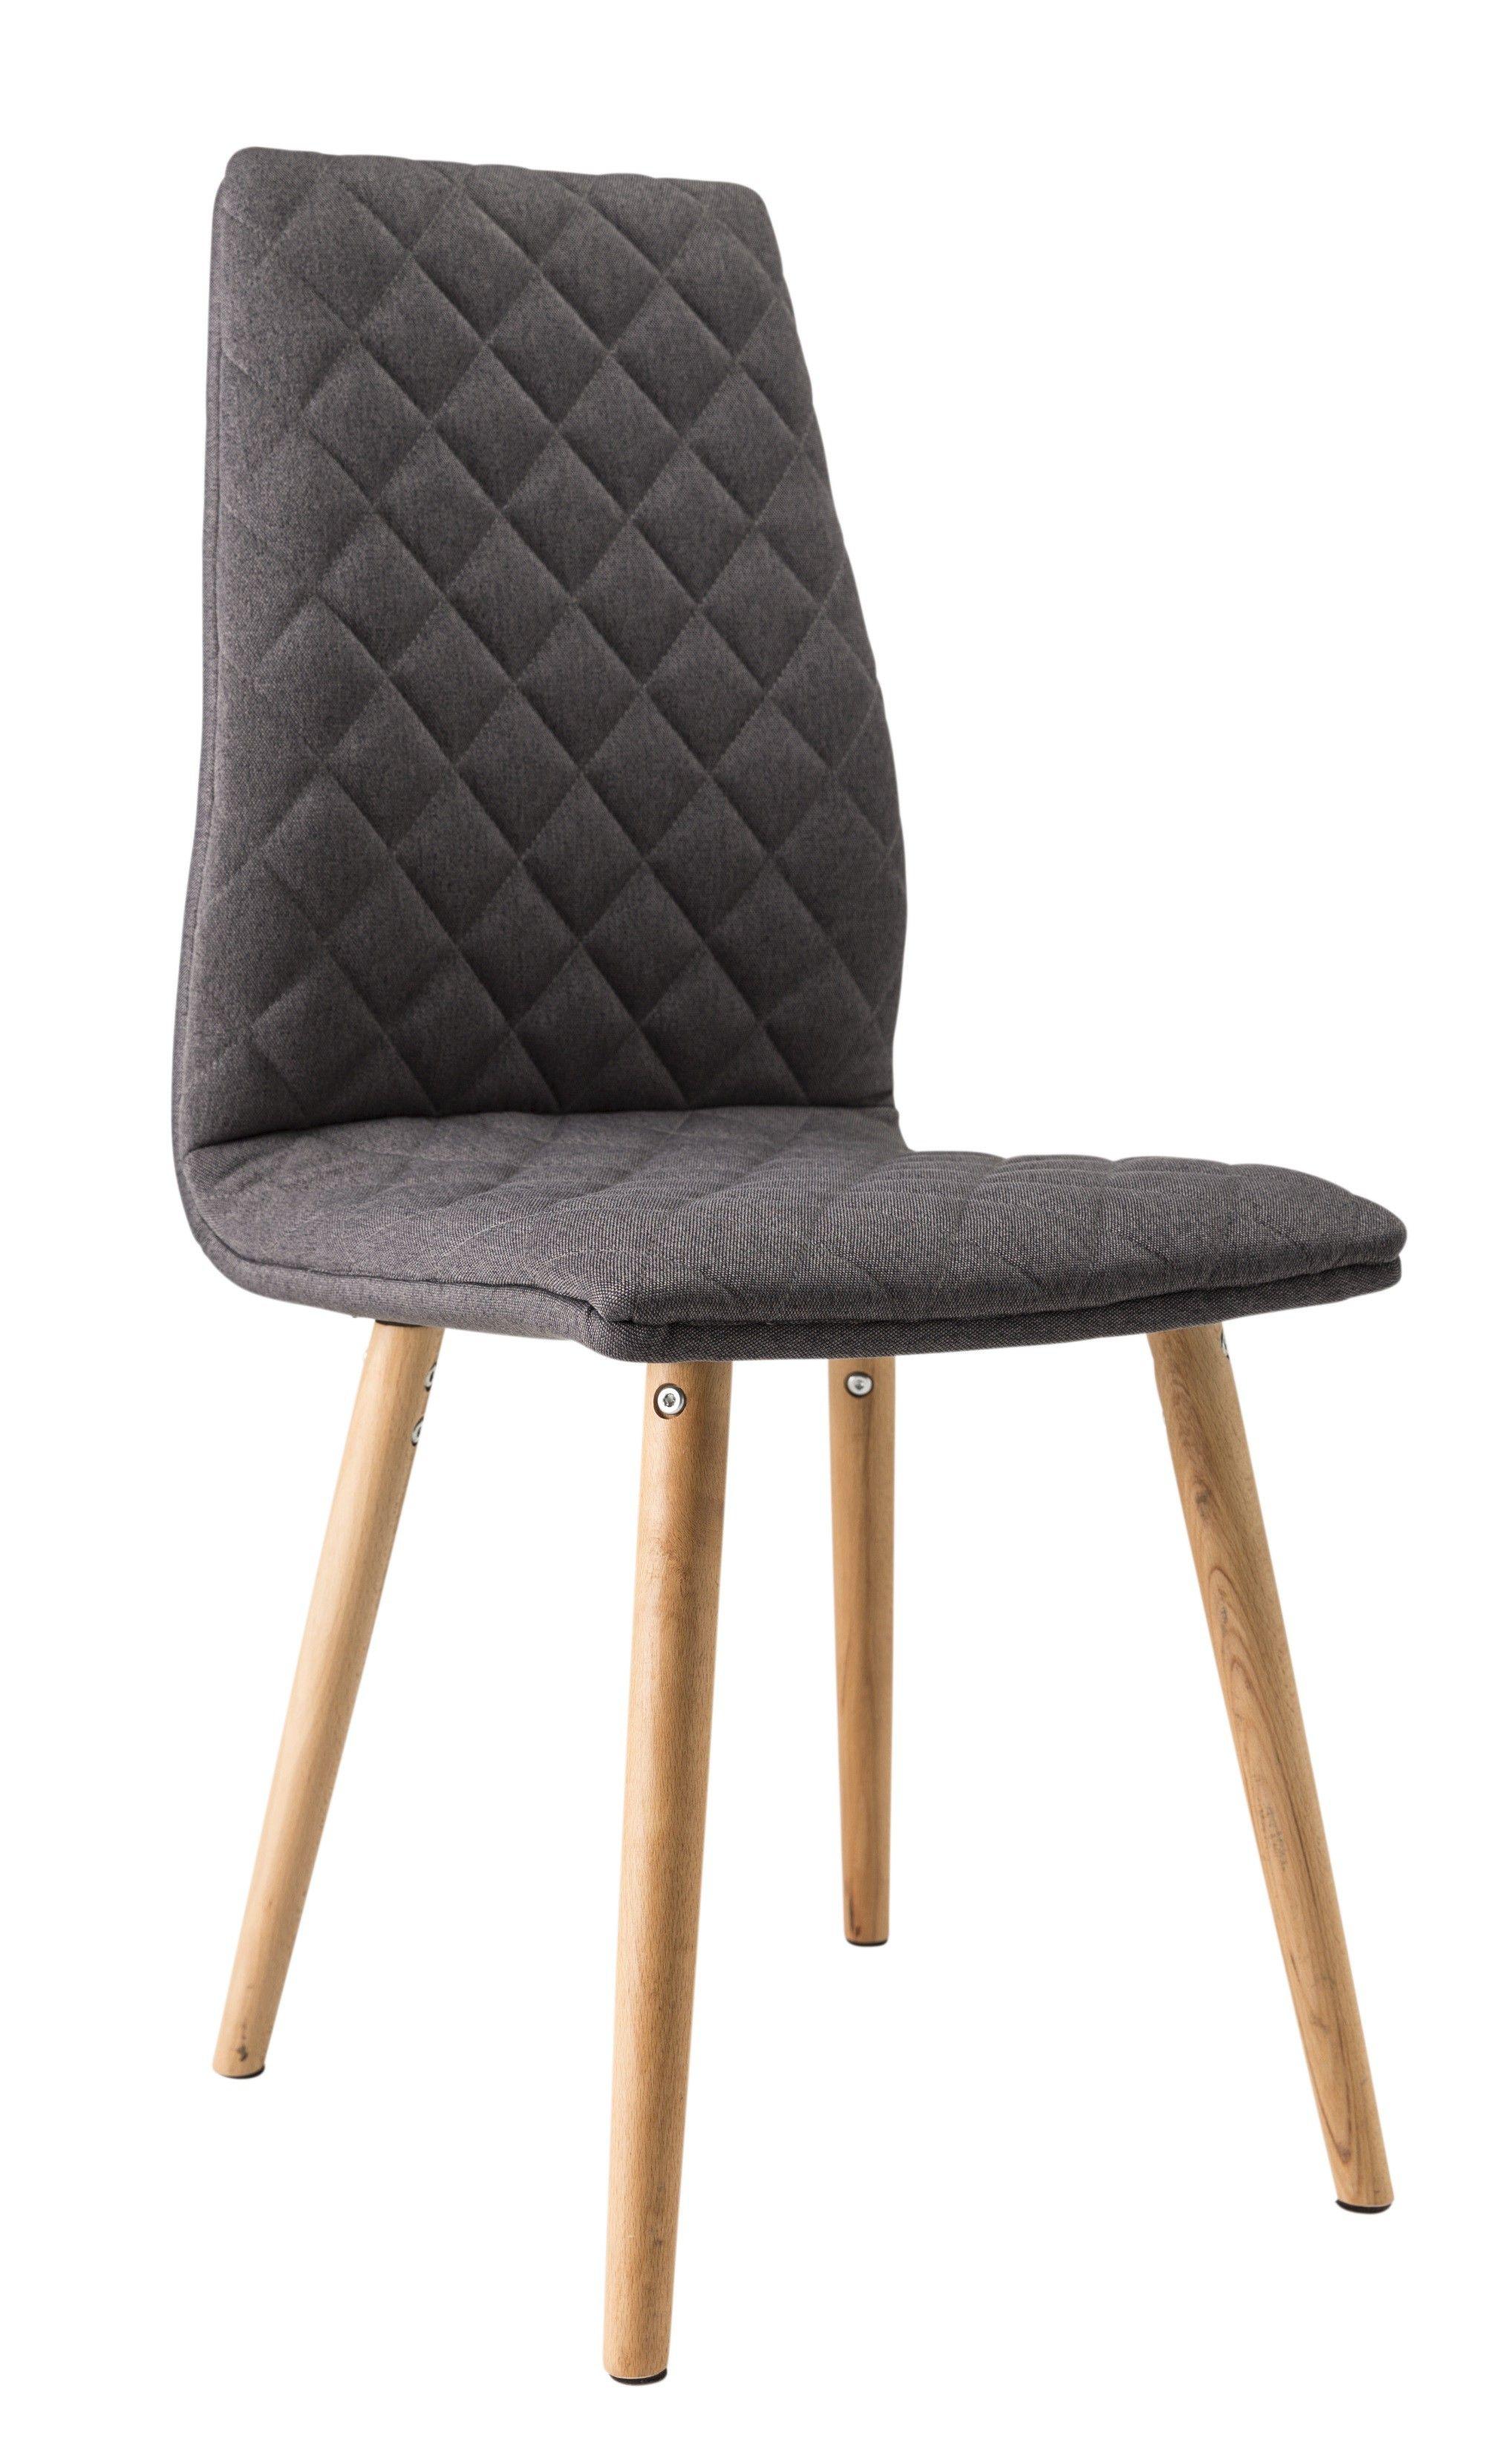 chaise de salle manger contemporaine bois tissu coloris gris lot de 2 jecco - Chaise Salle A Manger Gris